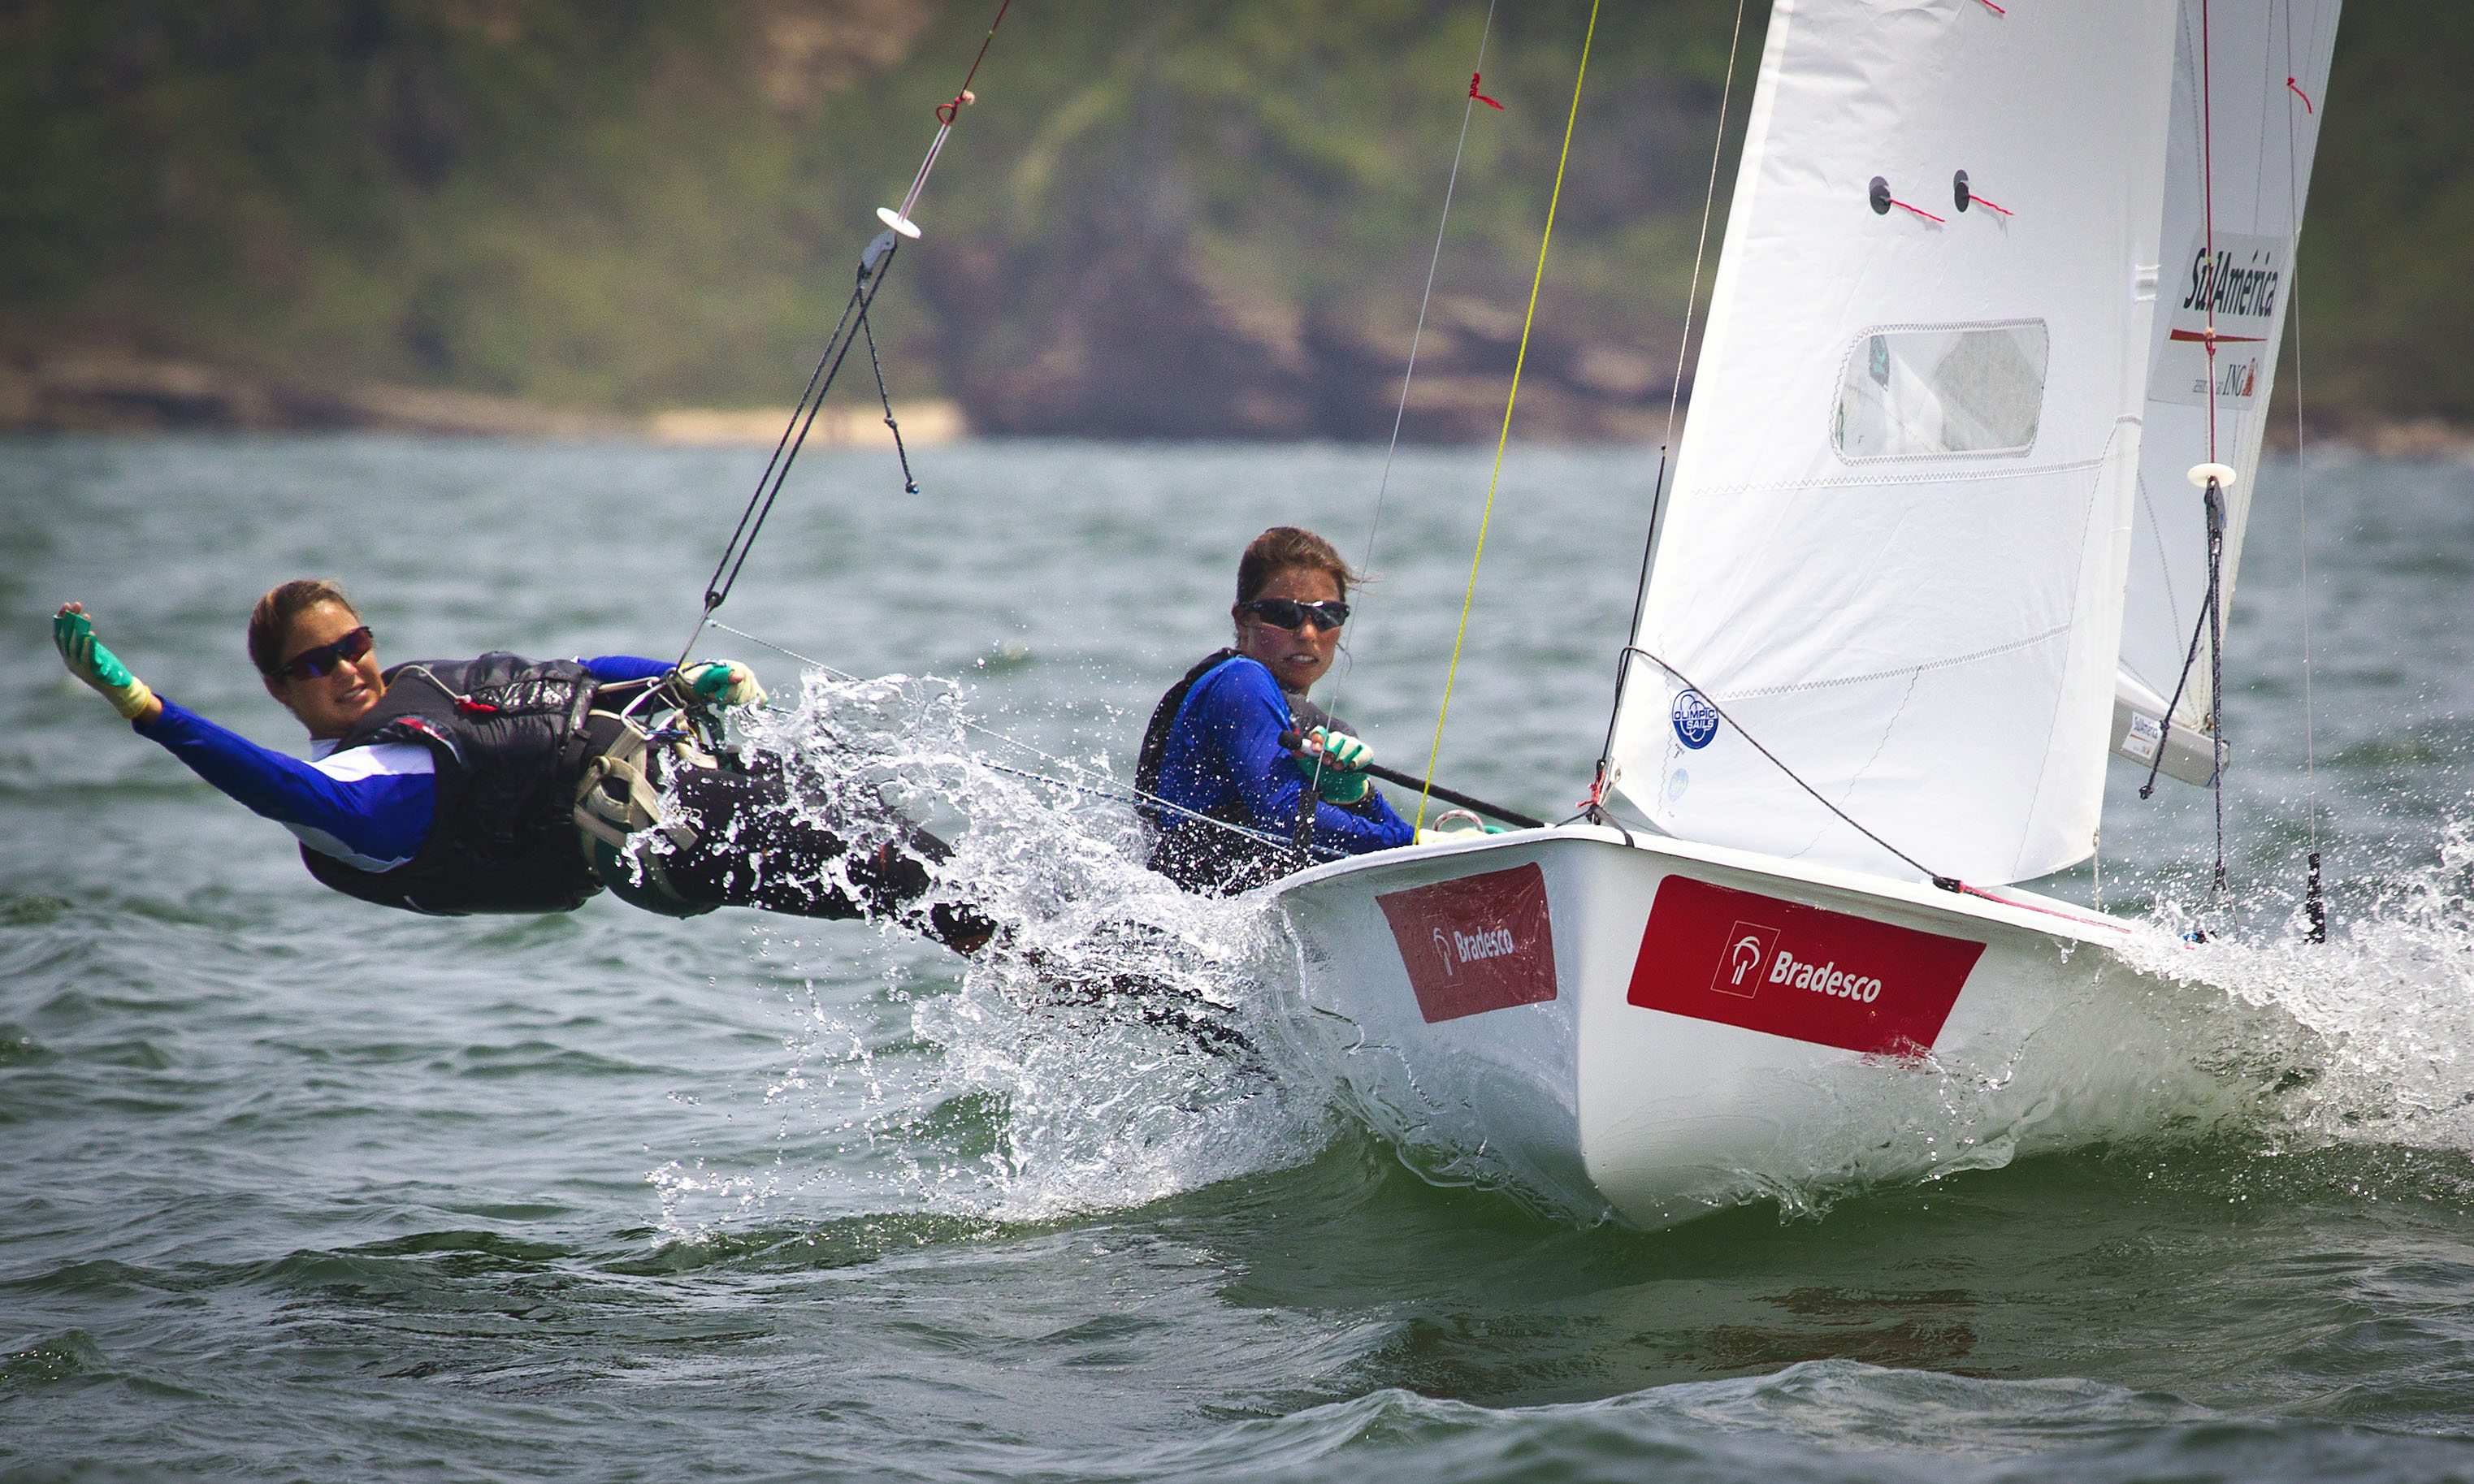 Fernanda Oliveira e Ana Barbachan disputam o primeiro evento depois da confirmação nos Jogos Olímpicos